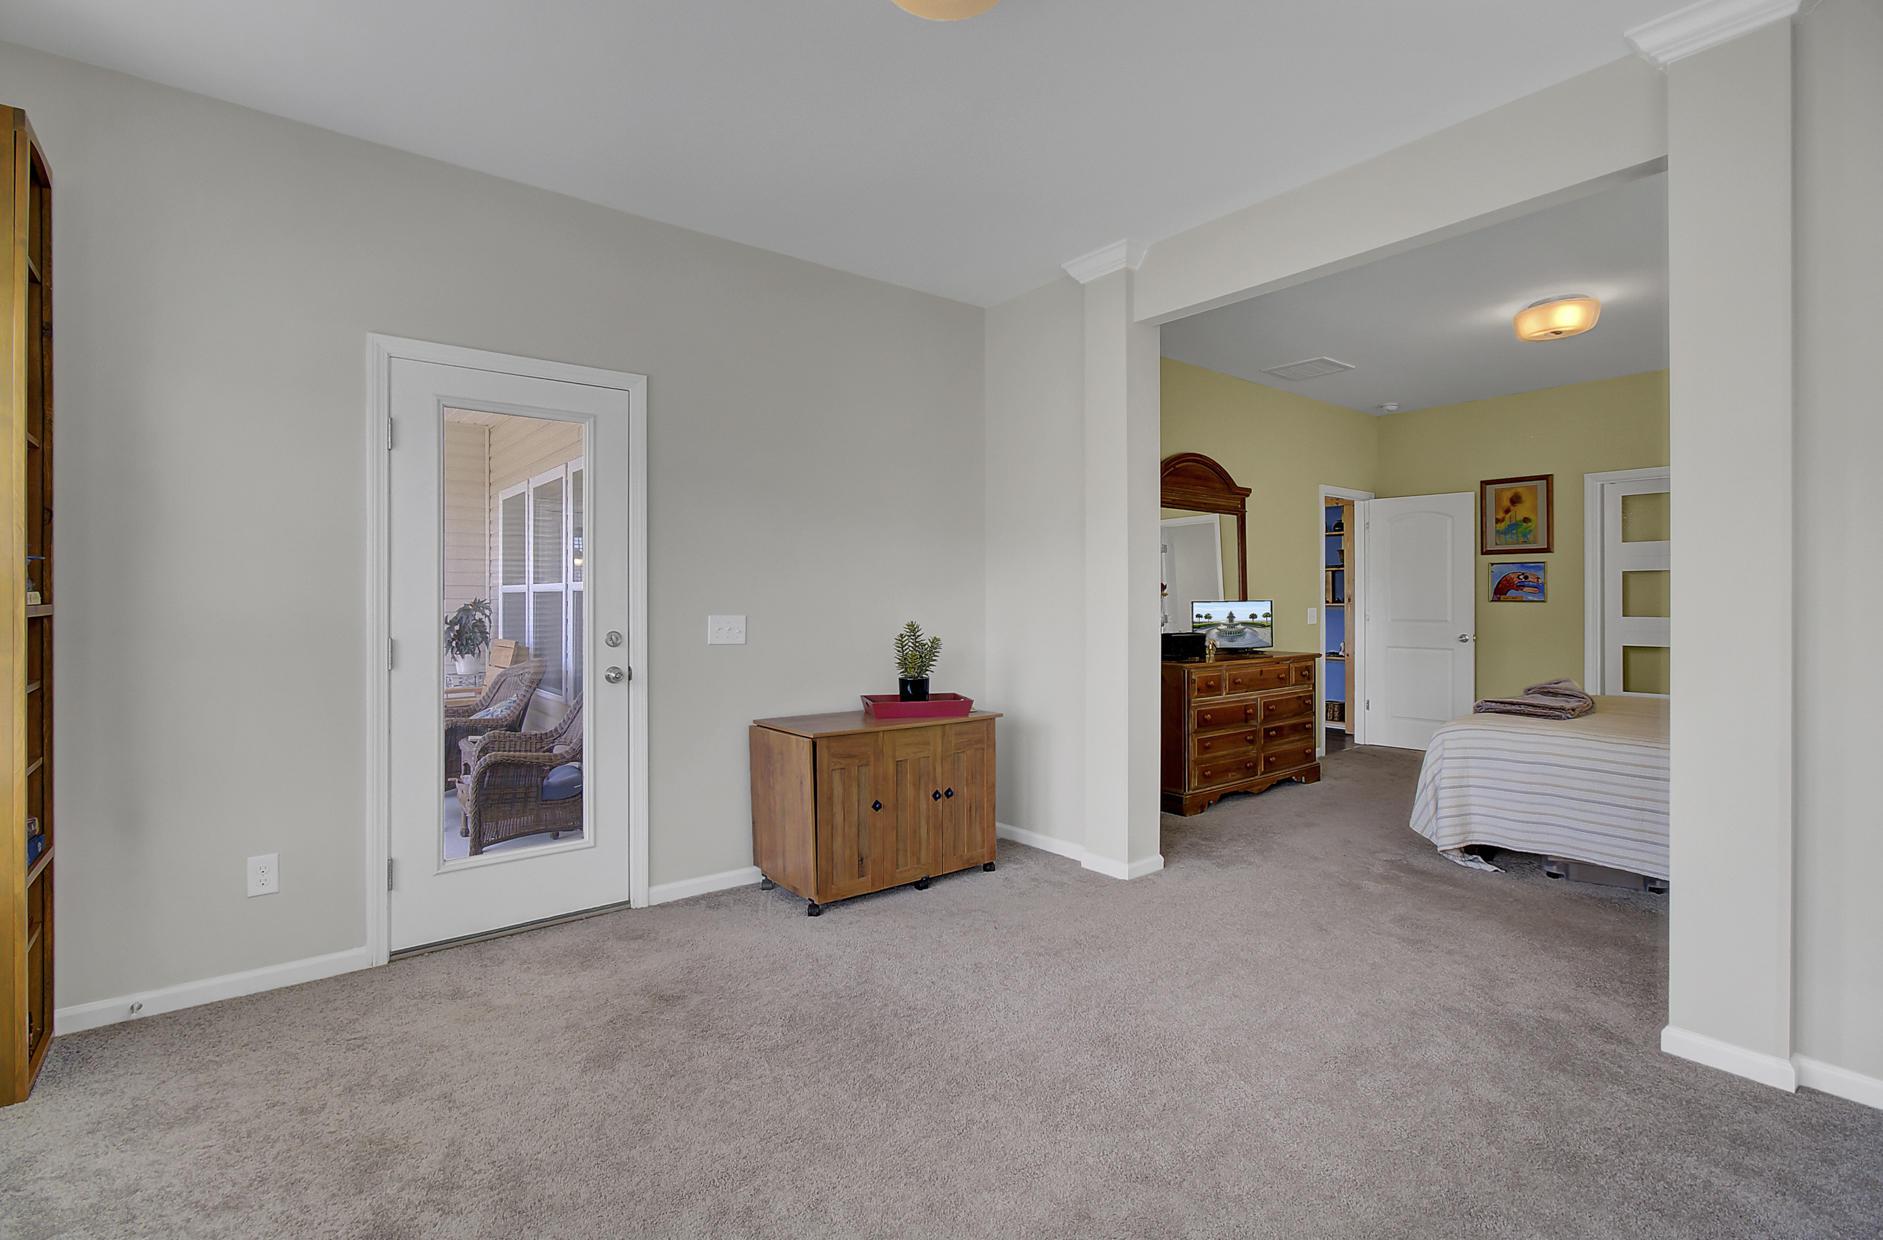 North Creek Village Homes For Sale - 384 Dunlin, Summerville, SC - 33